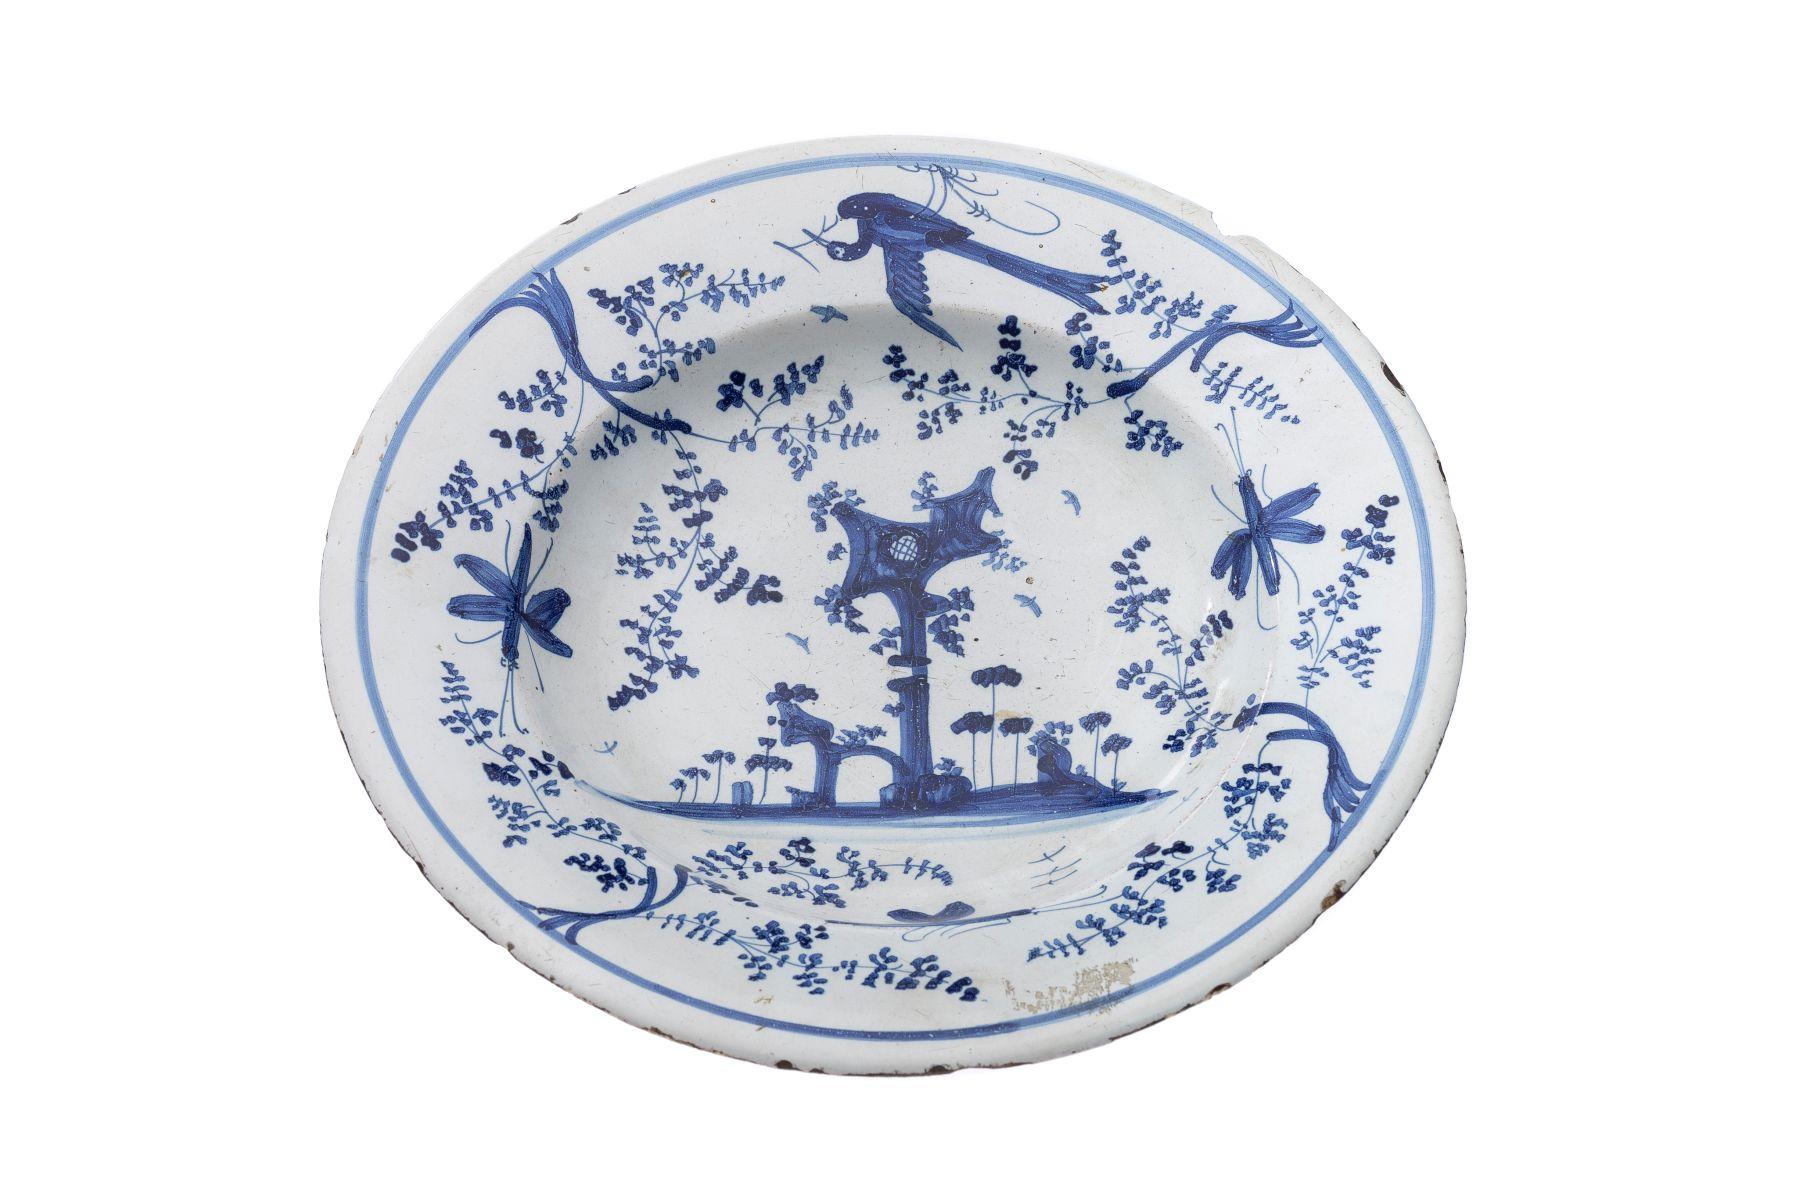 #68 Sawankhalok plate | Sawankhalok Teller Image